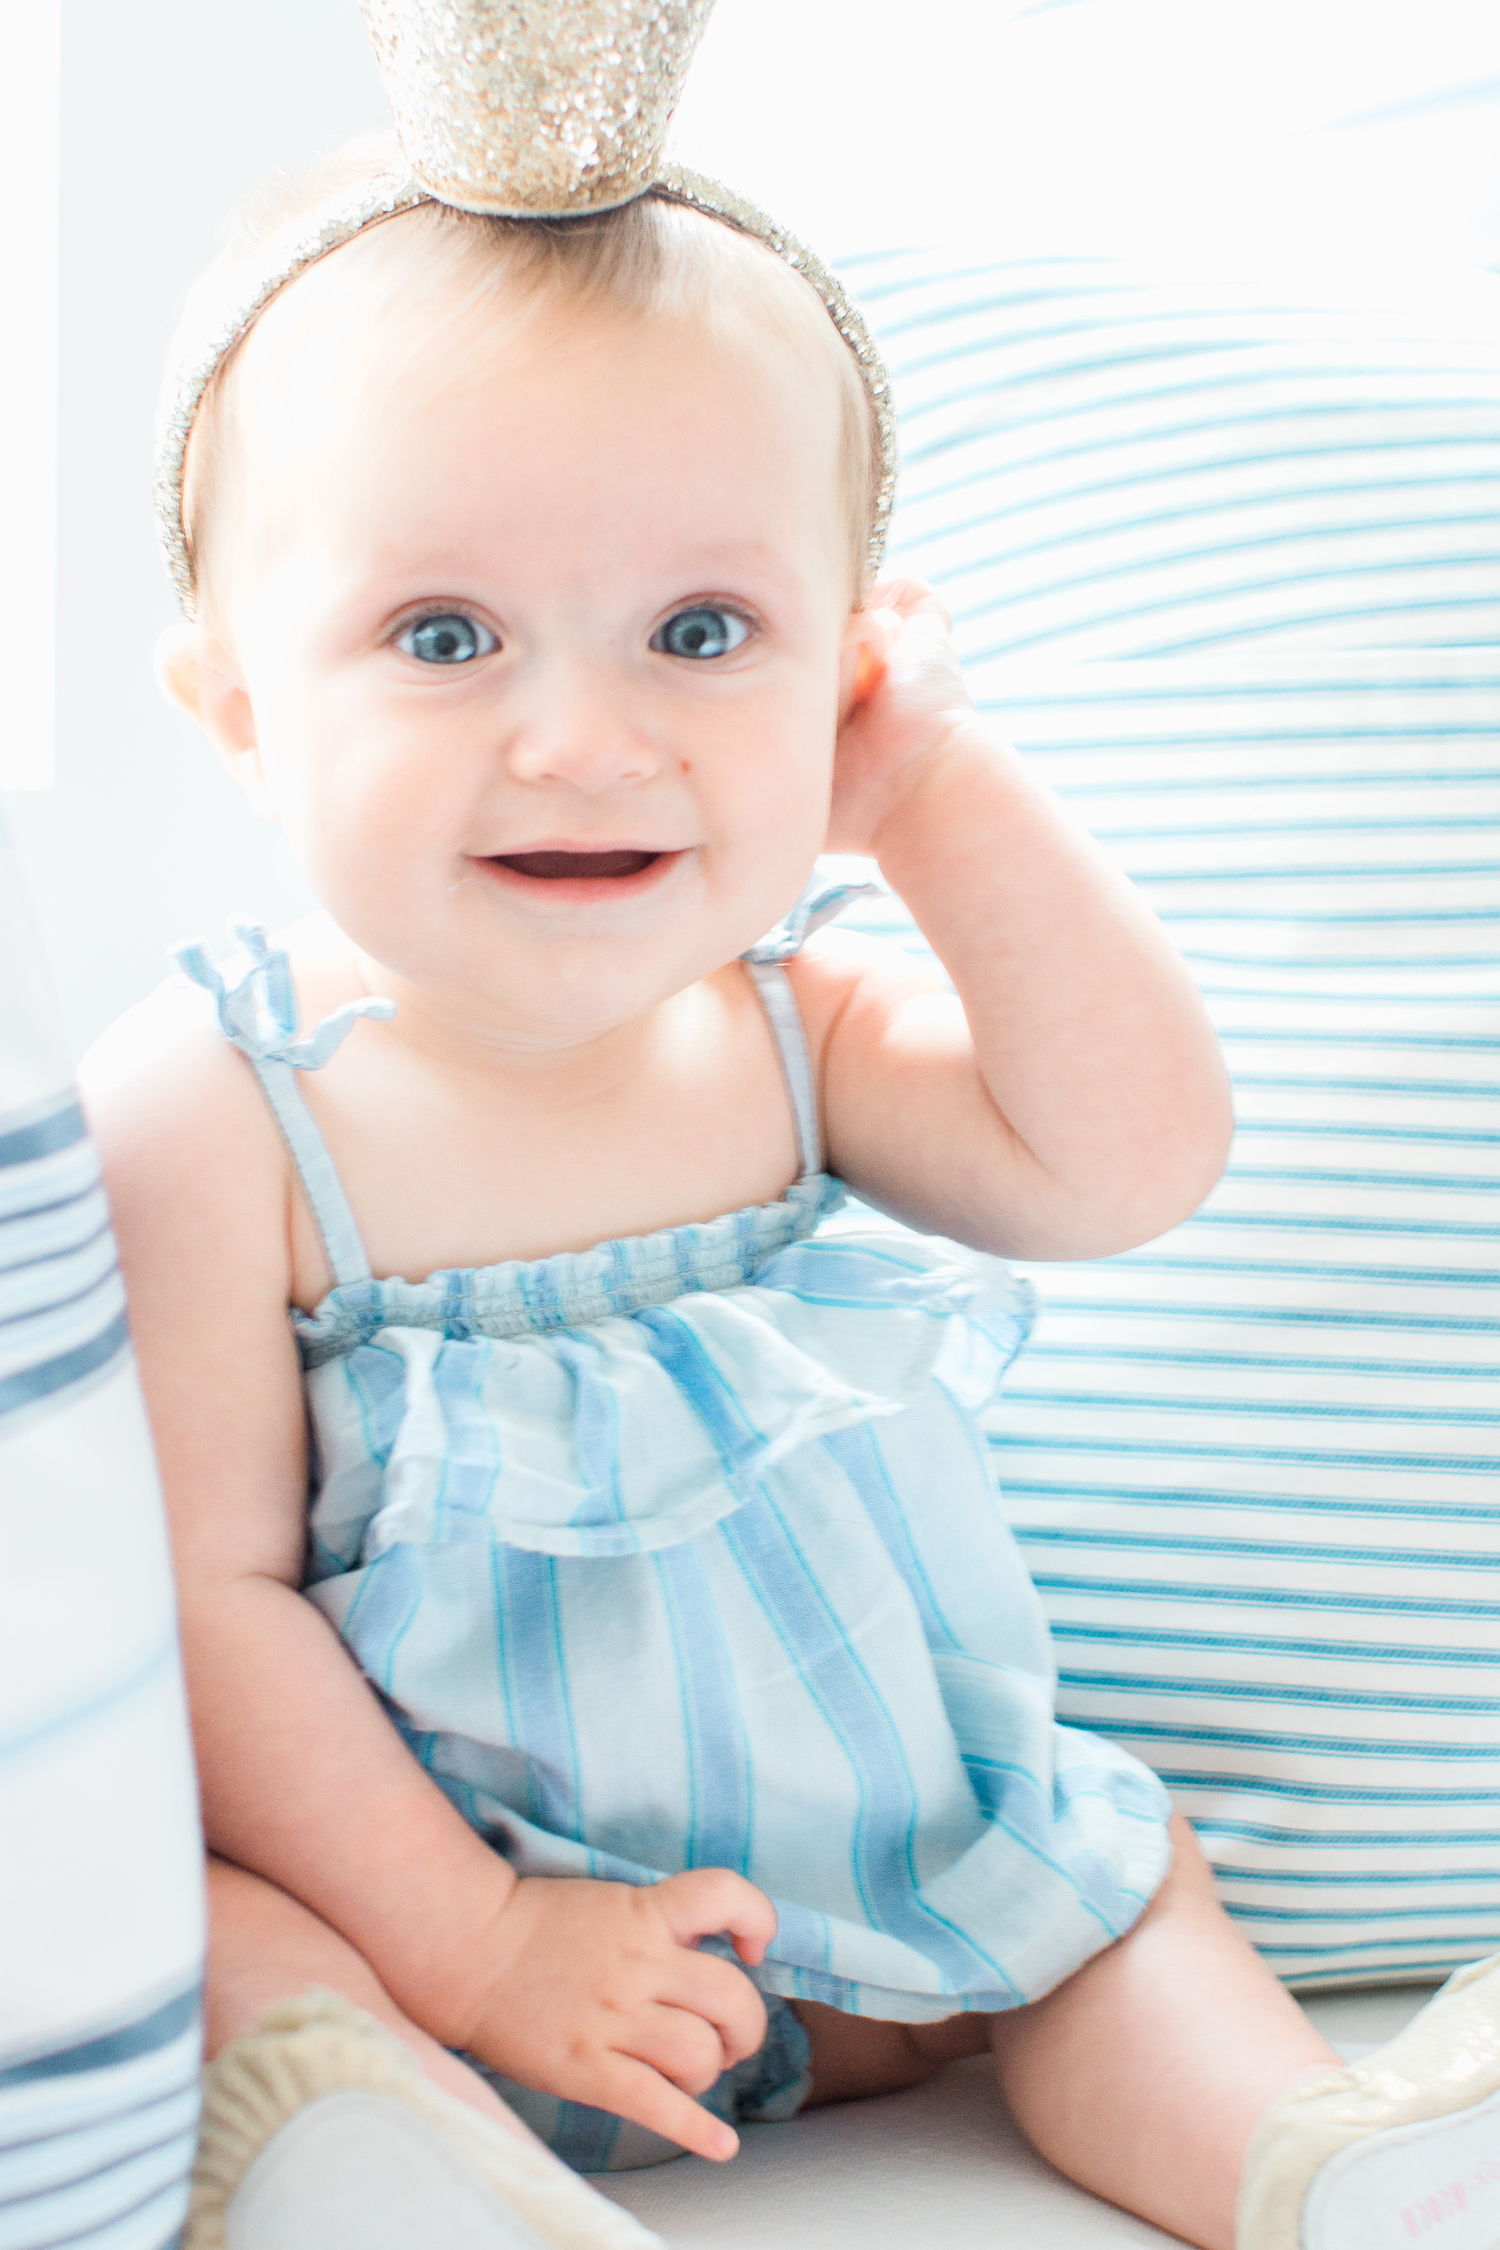 Gerber Lillya Kids Baby Photo Contest Monika Hibbs